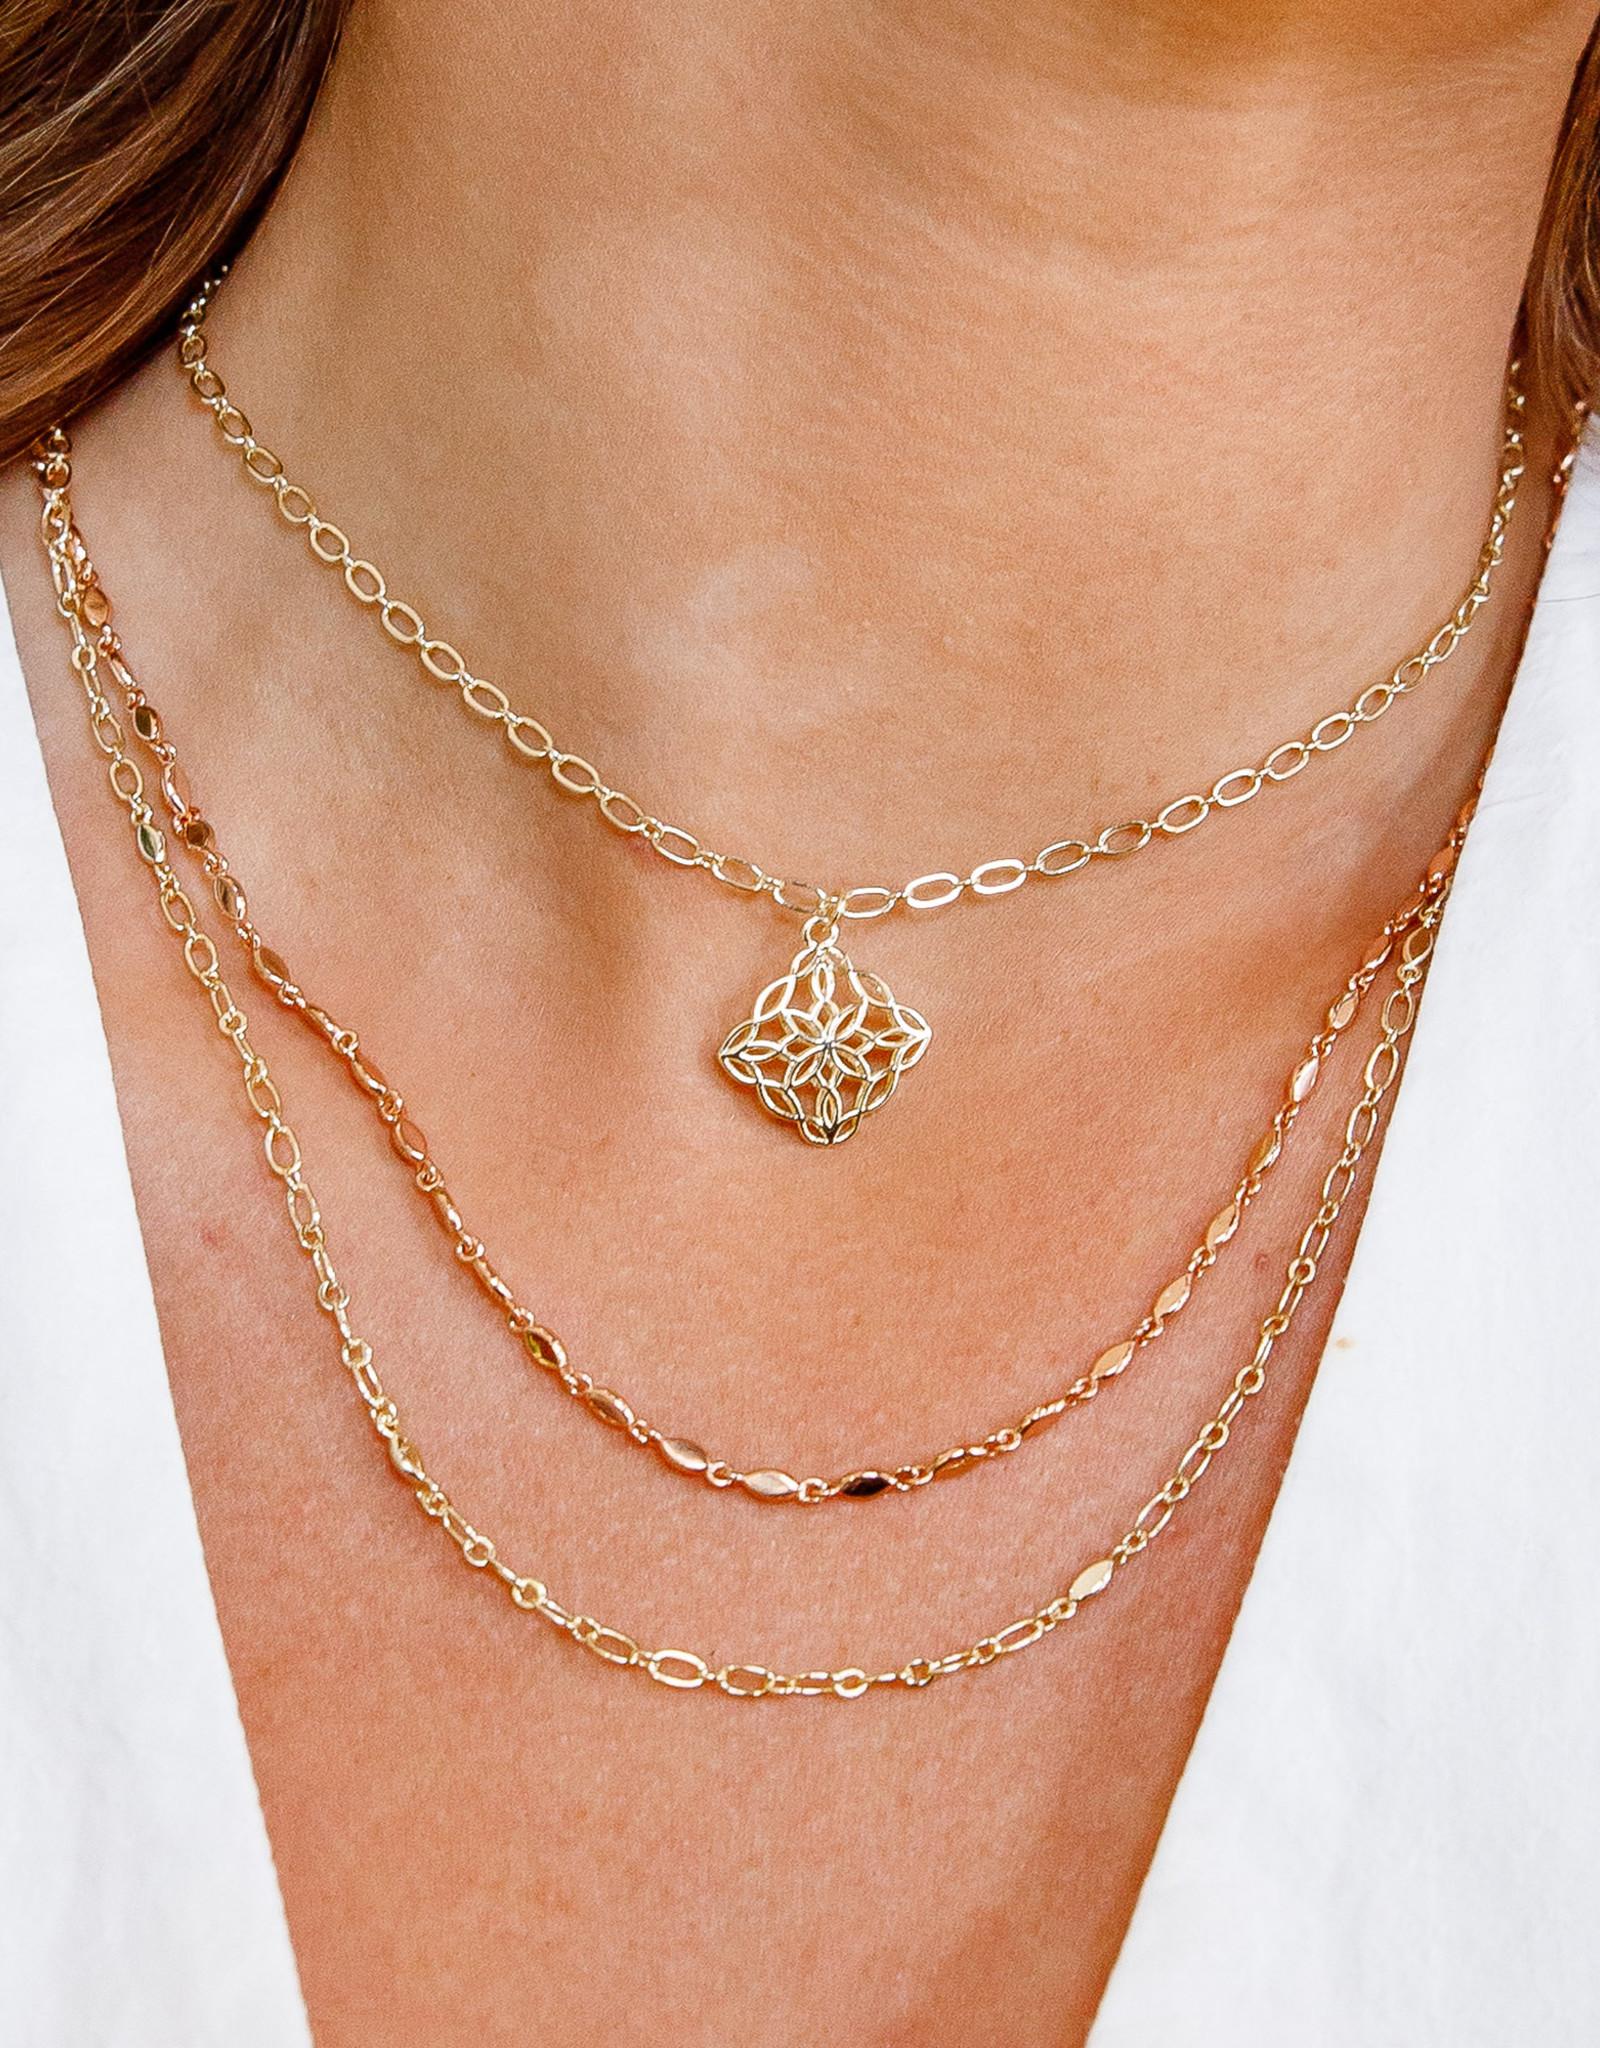 Natalie Wood Designs Bloom Adjustable Necklace - Gold & Rose Gold